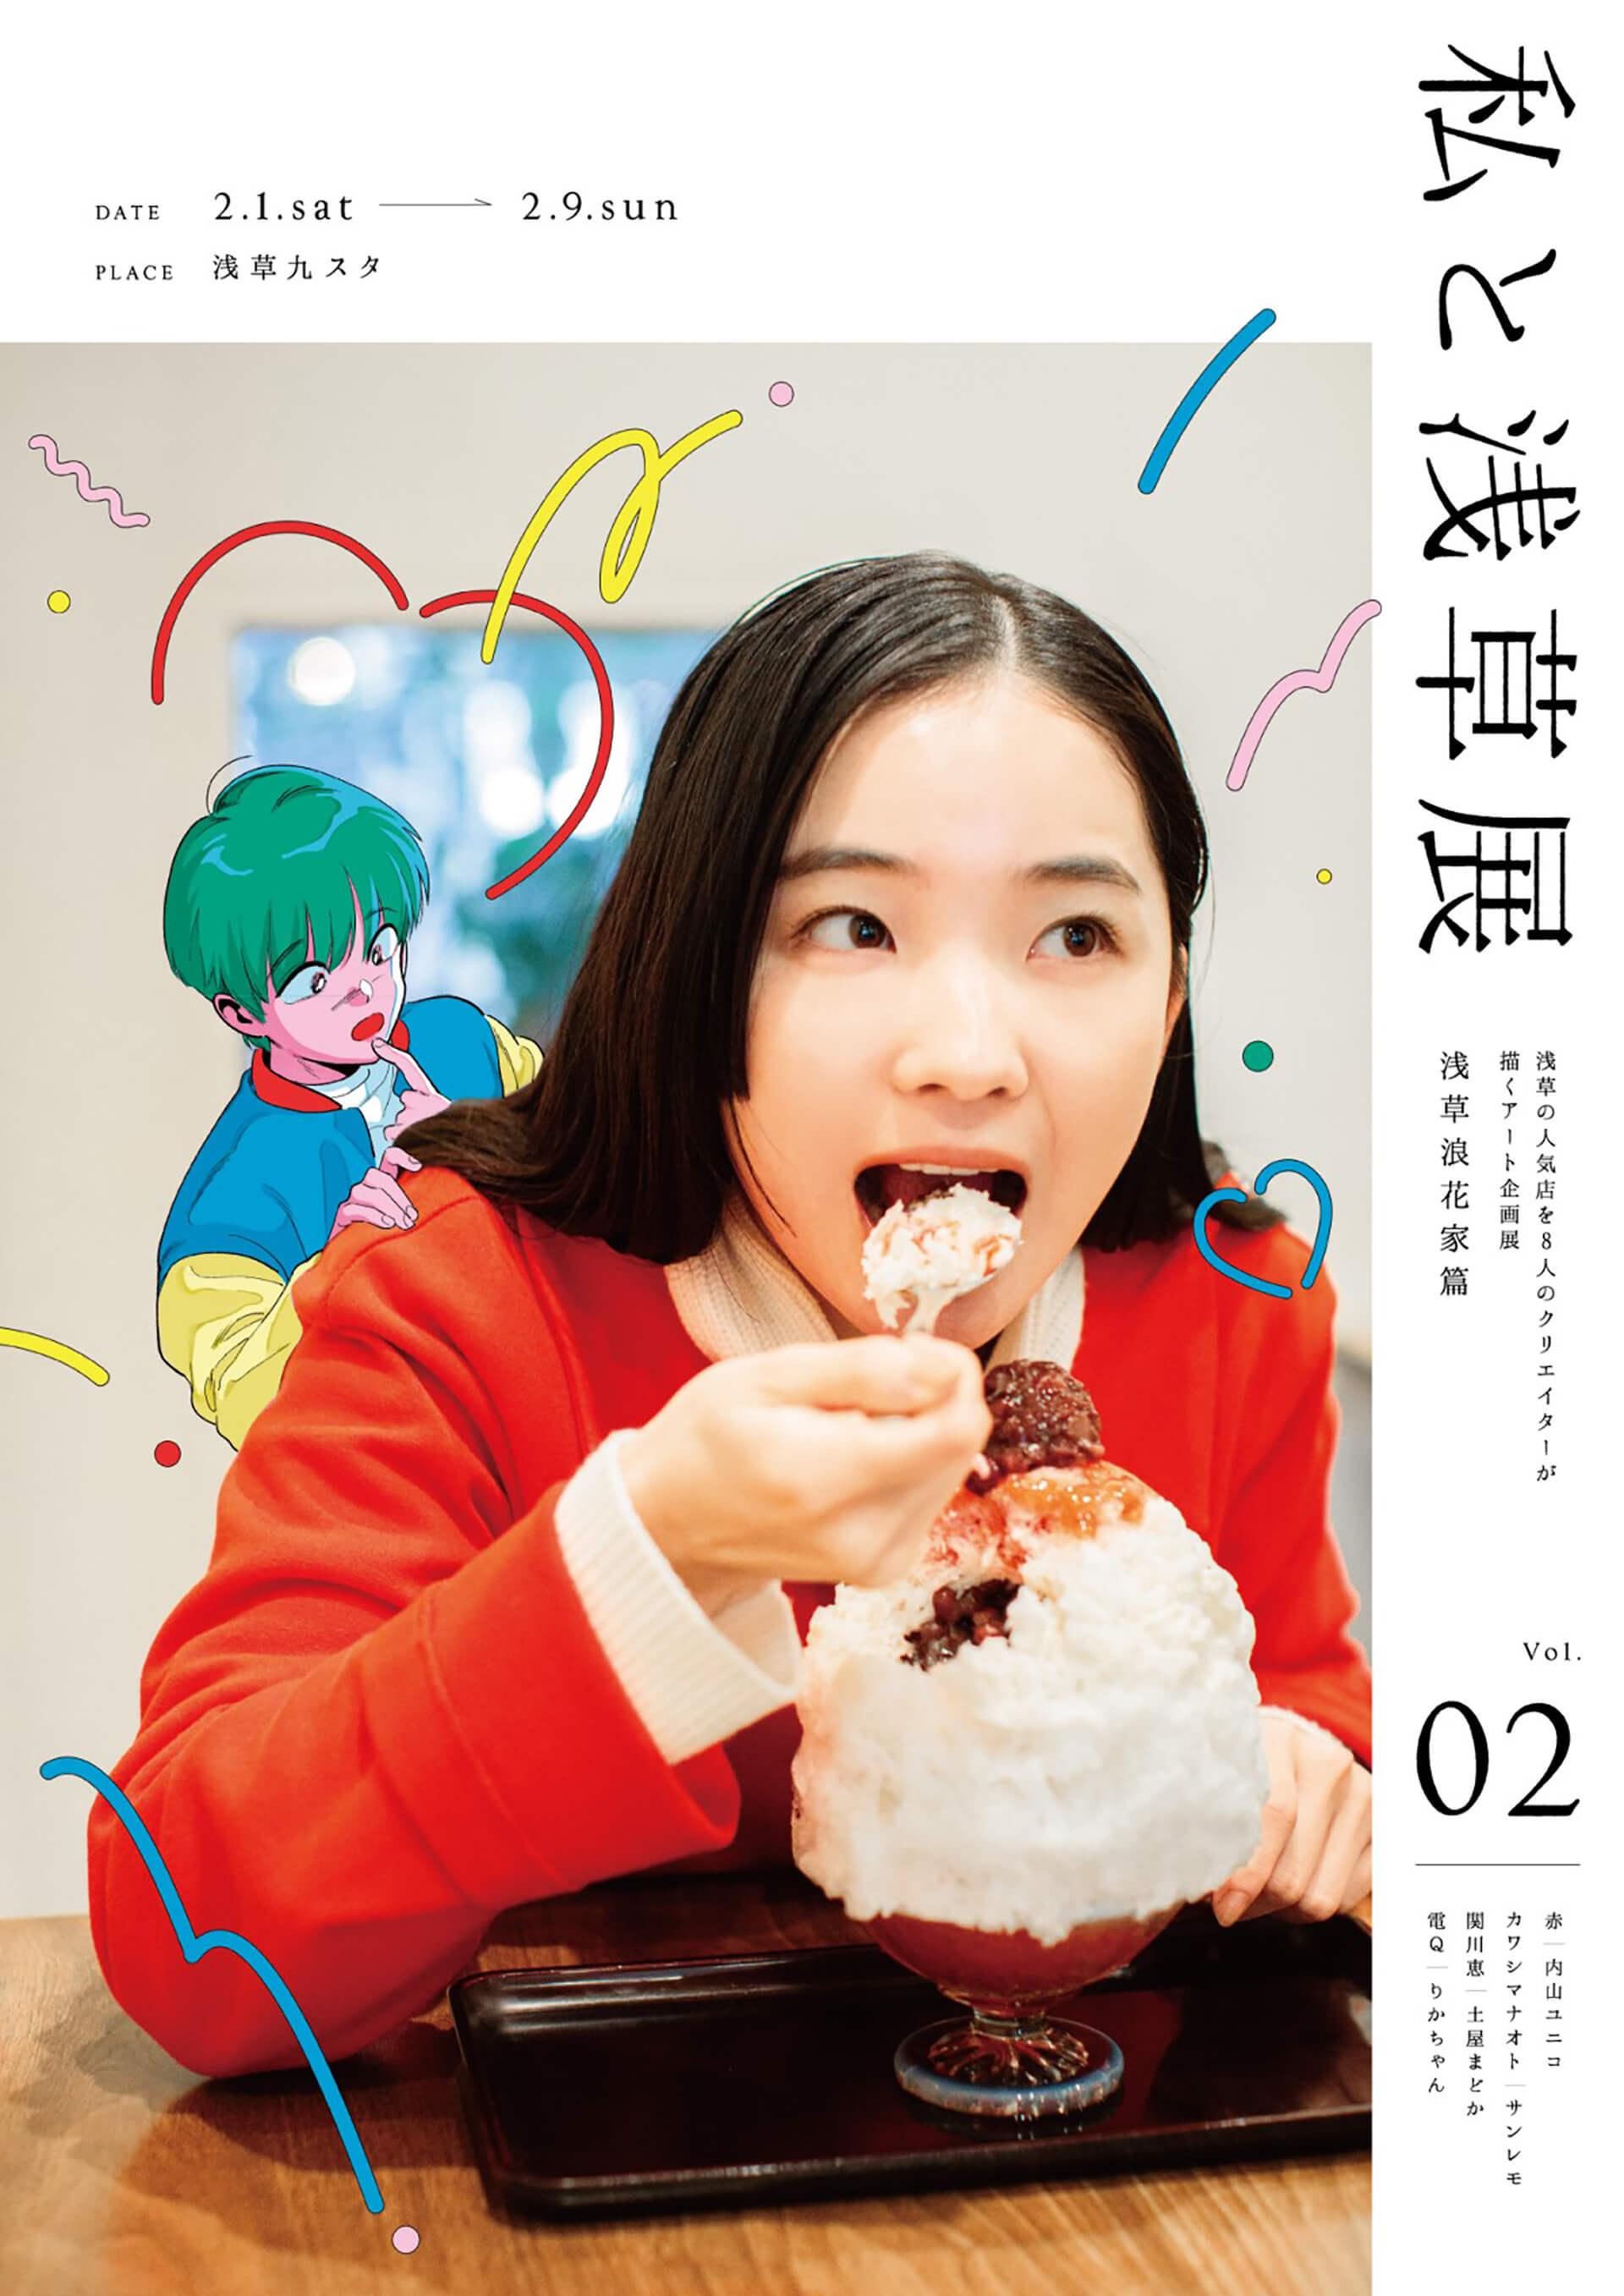 私と浅草展 vol.2~浅草浪花家篇~バナー